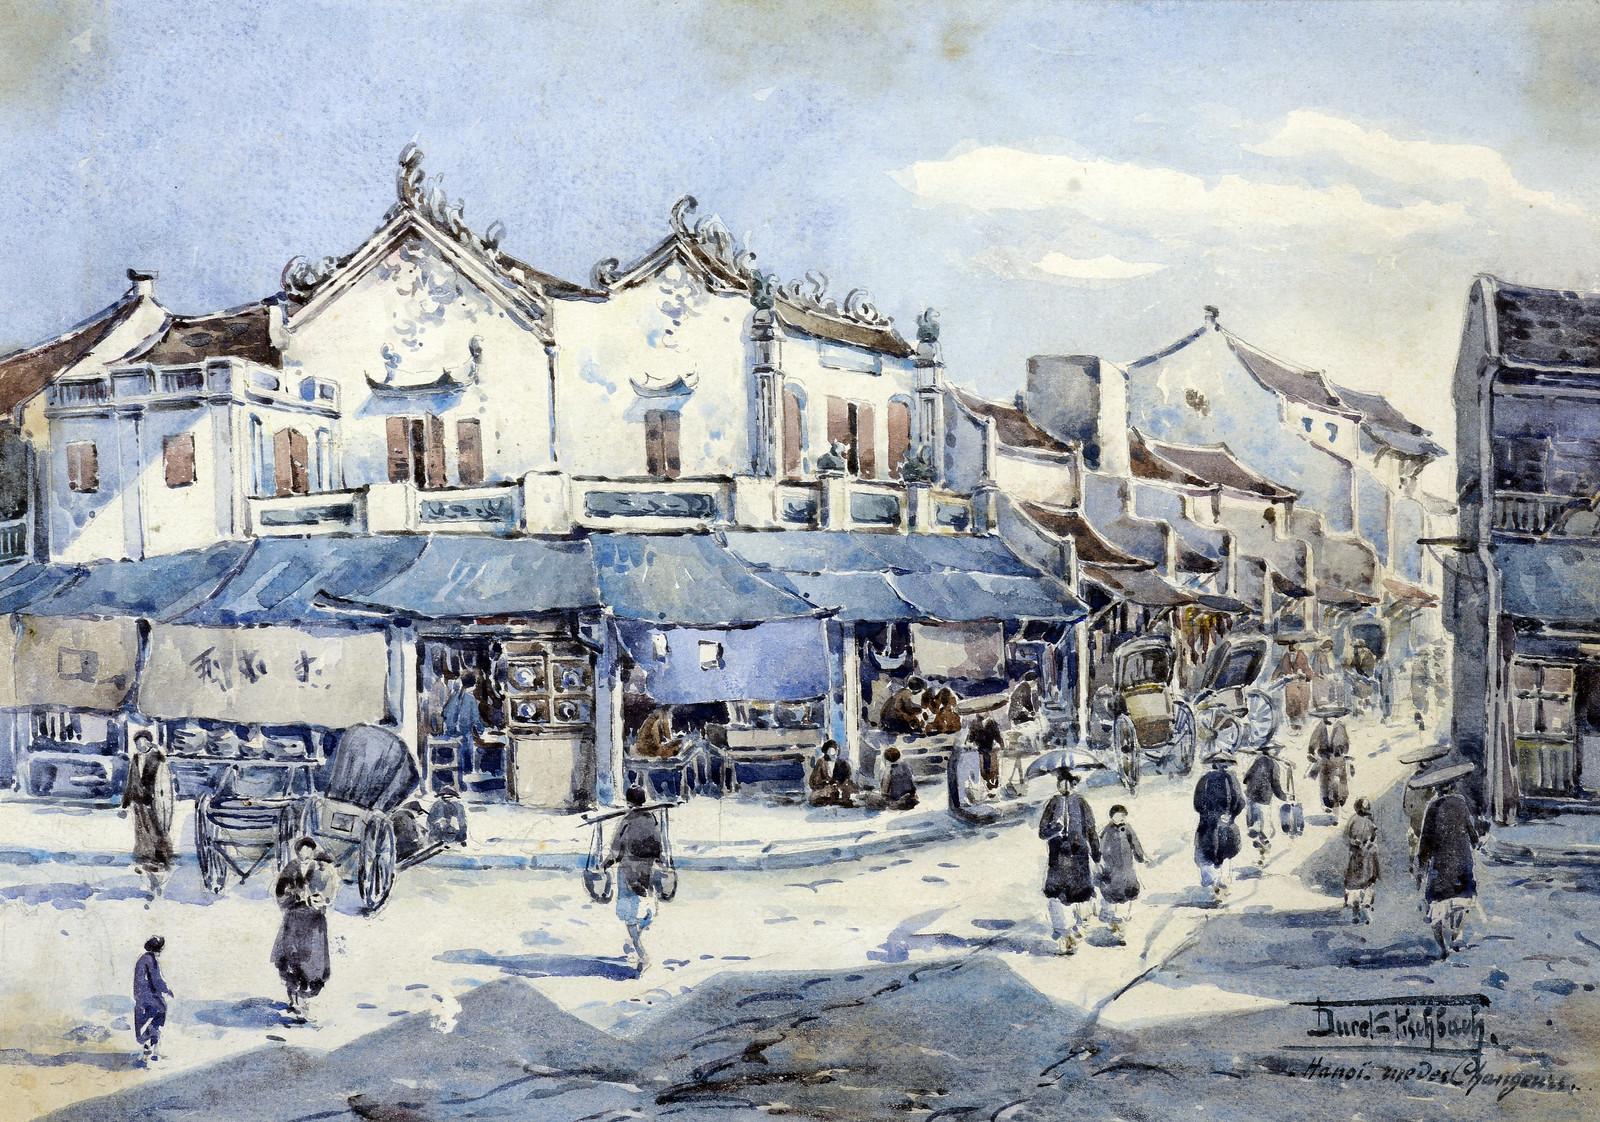 Charles Édouard Hocquard kể về phố đổi tiền ở Hà Nội xưa